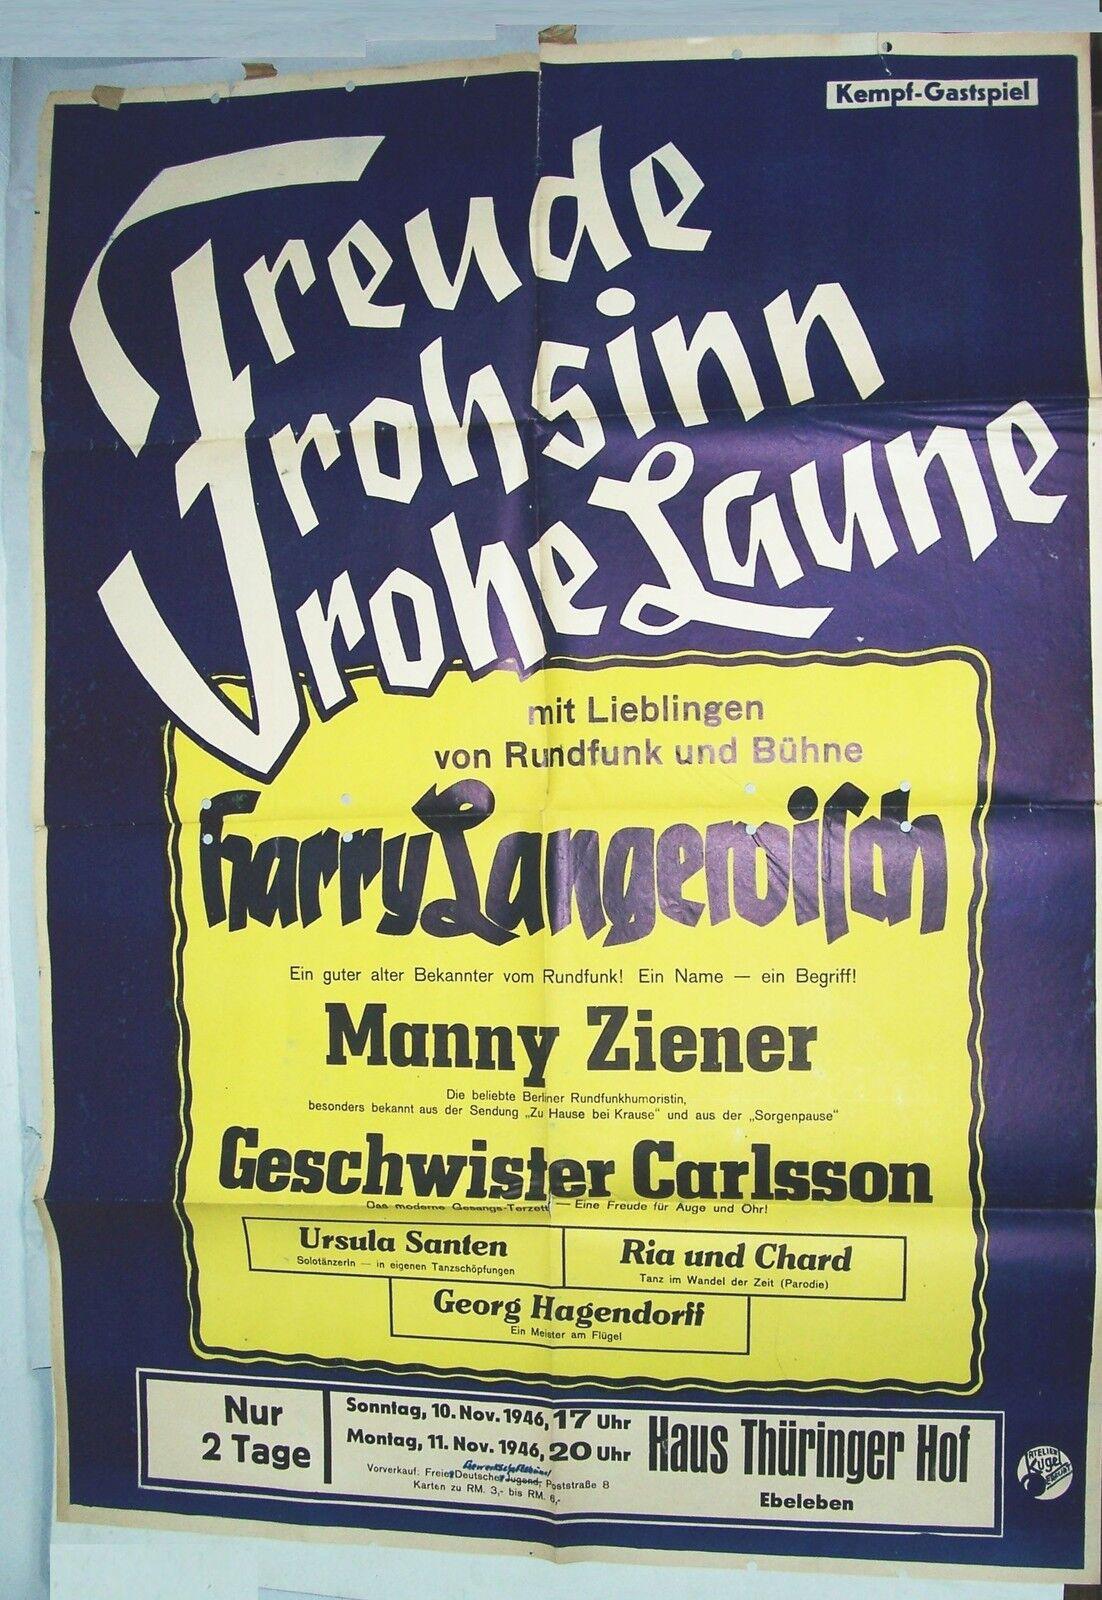 Poster Gastspiel Casa Thüringer Hof Ebeleben 1946 Langewisch Ziener Santen